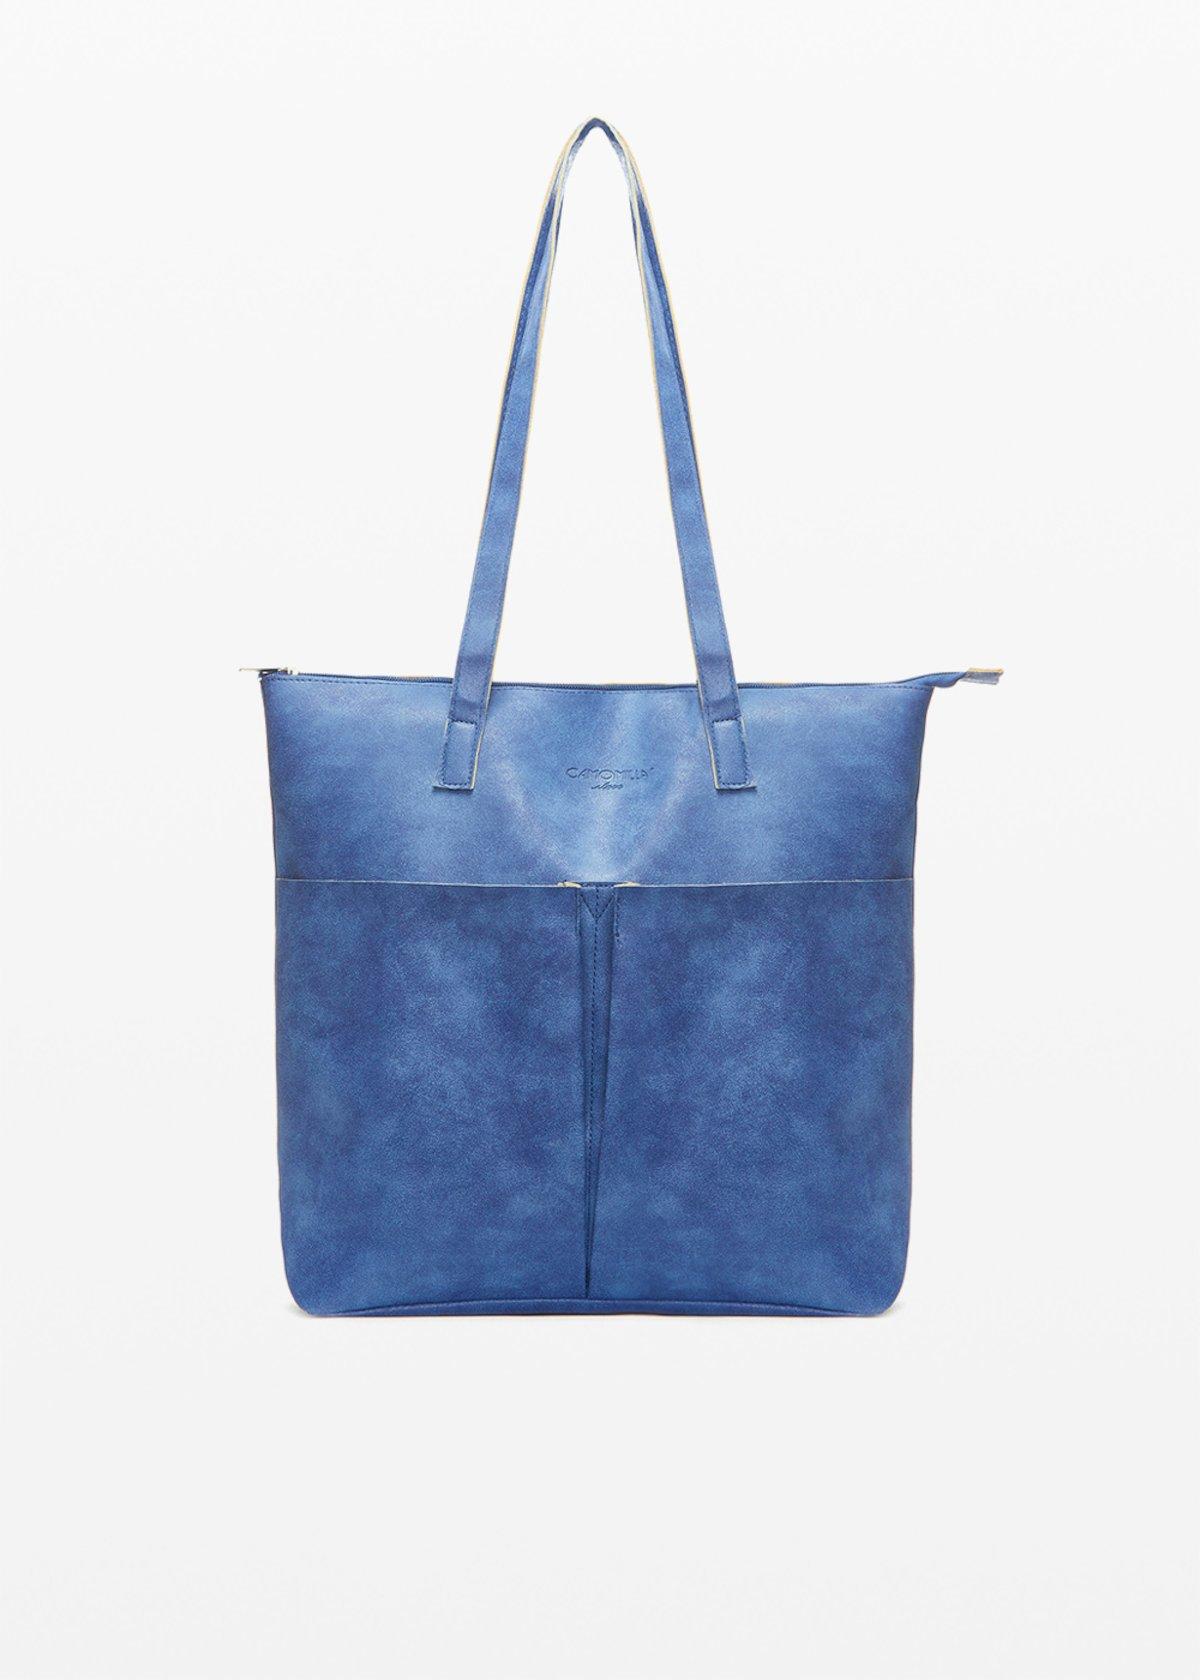 Shopping bag Baly6 in ecopelle sfaderata con tasconi sul davanti - Avion - Donna